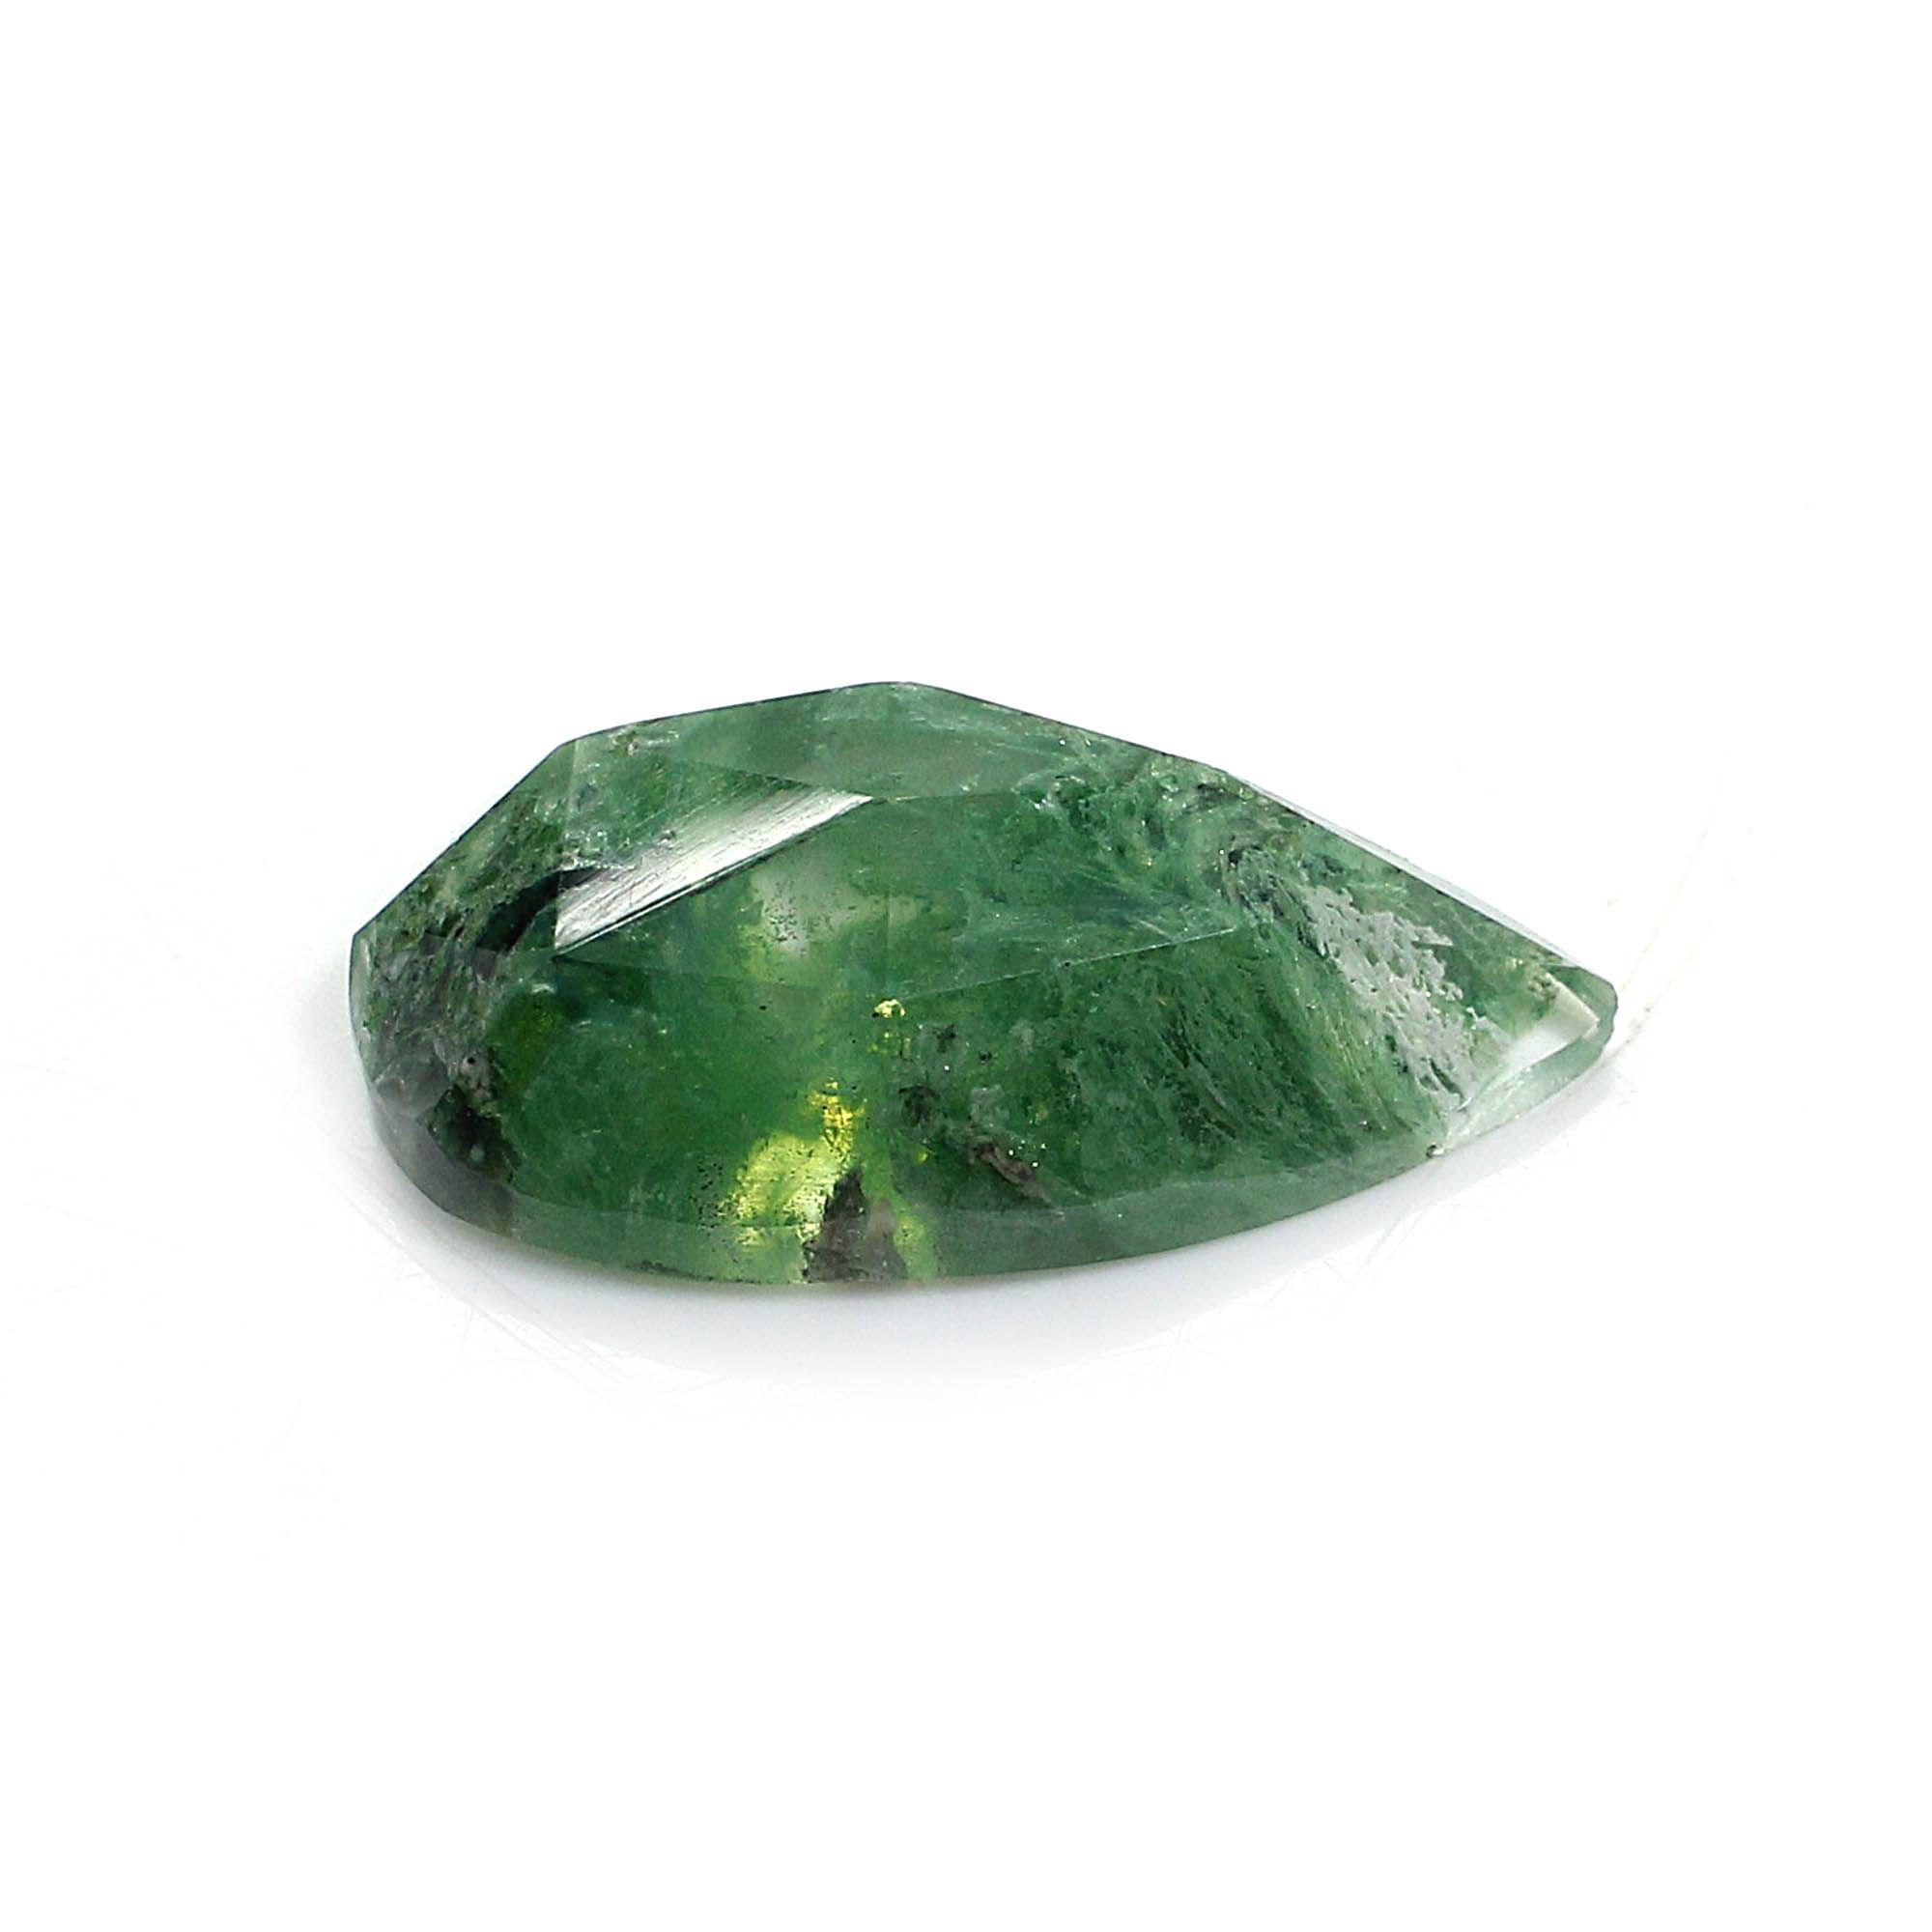 Aqua Crackle Glass 25x12mm Pear Rose Cut 12.85 Cts